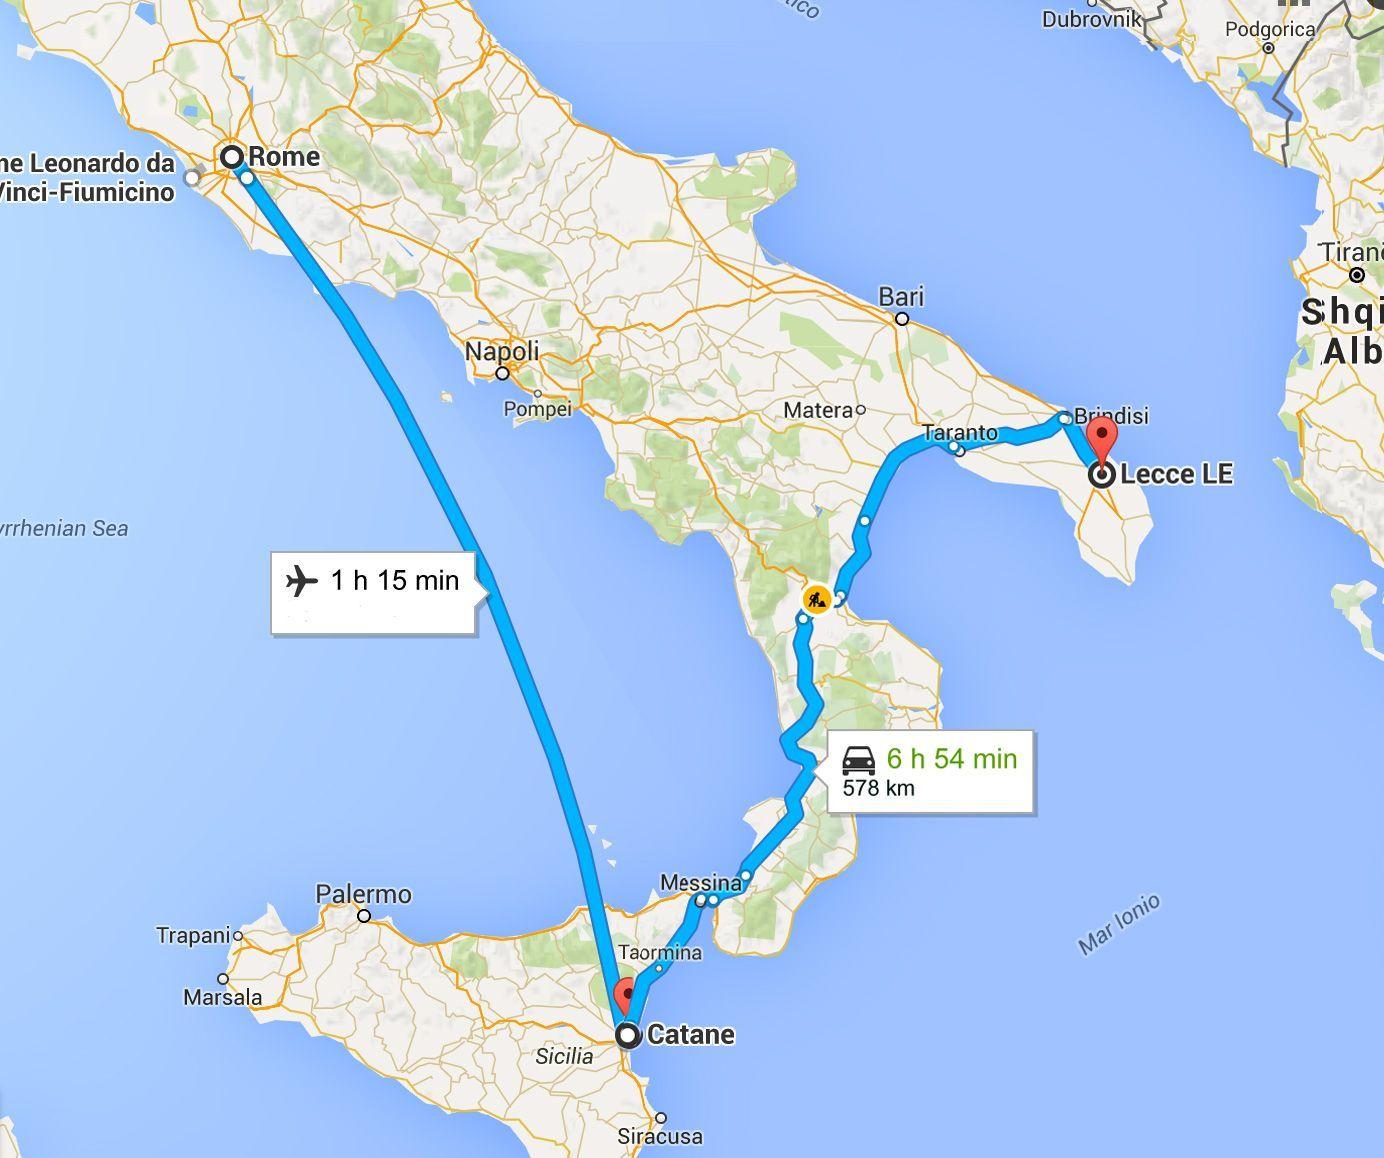 Carnet de voyage : Itinéraire d'un road trip atypique en Italie